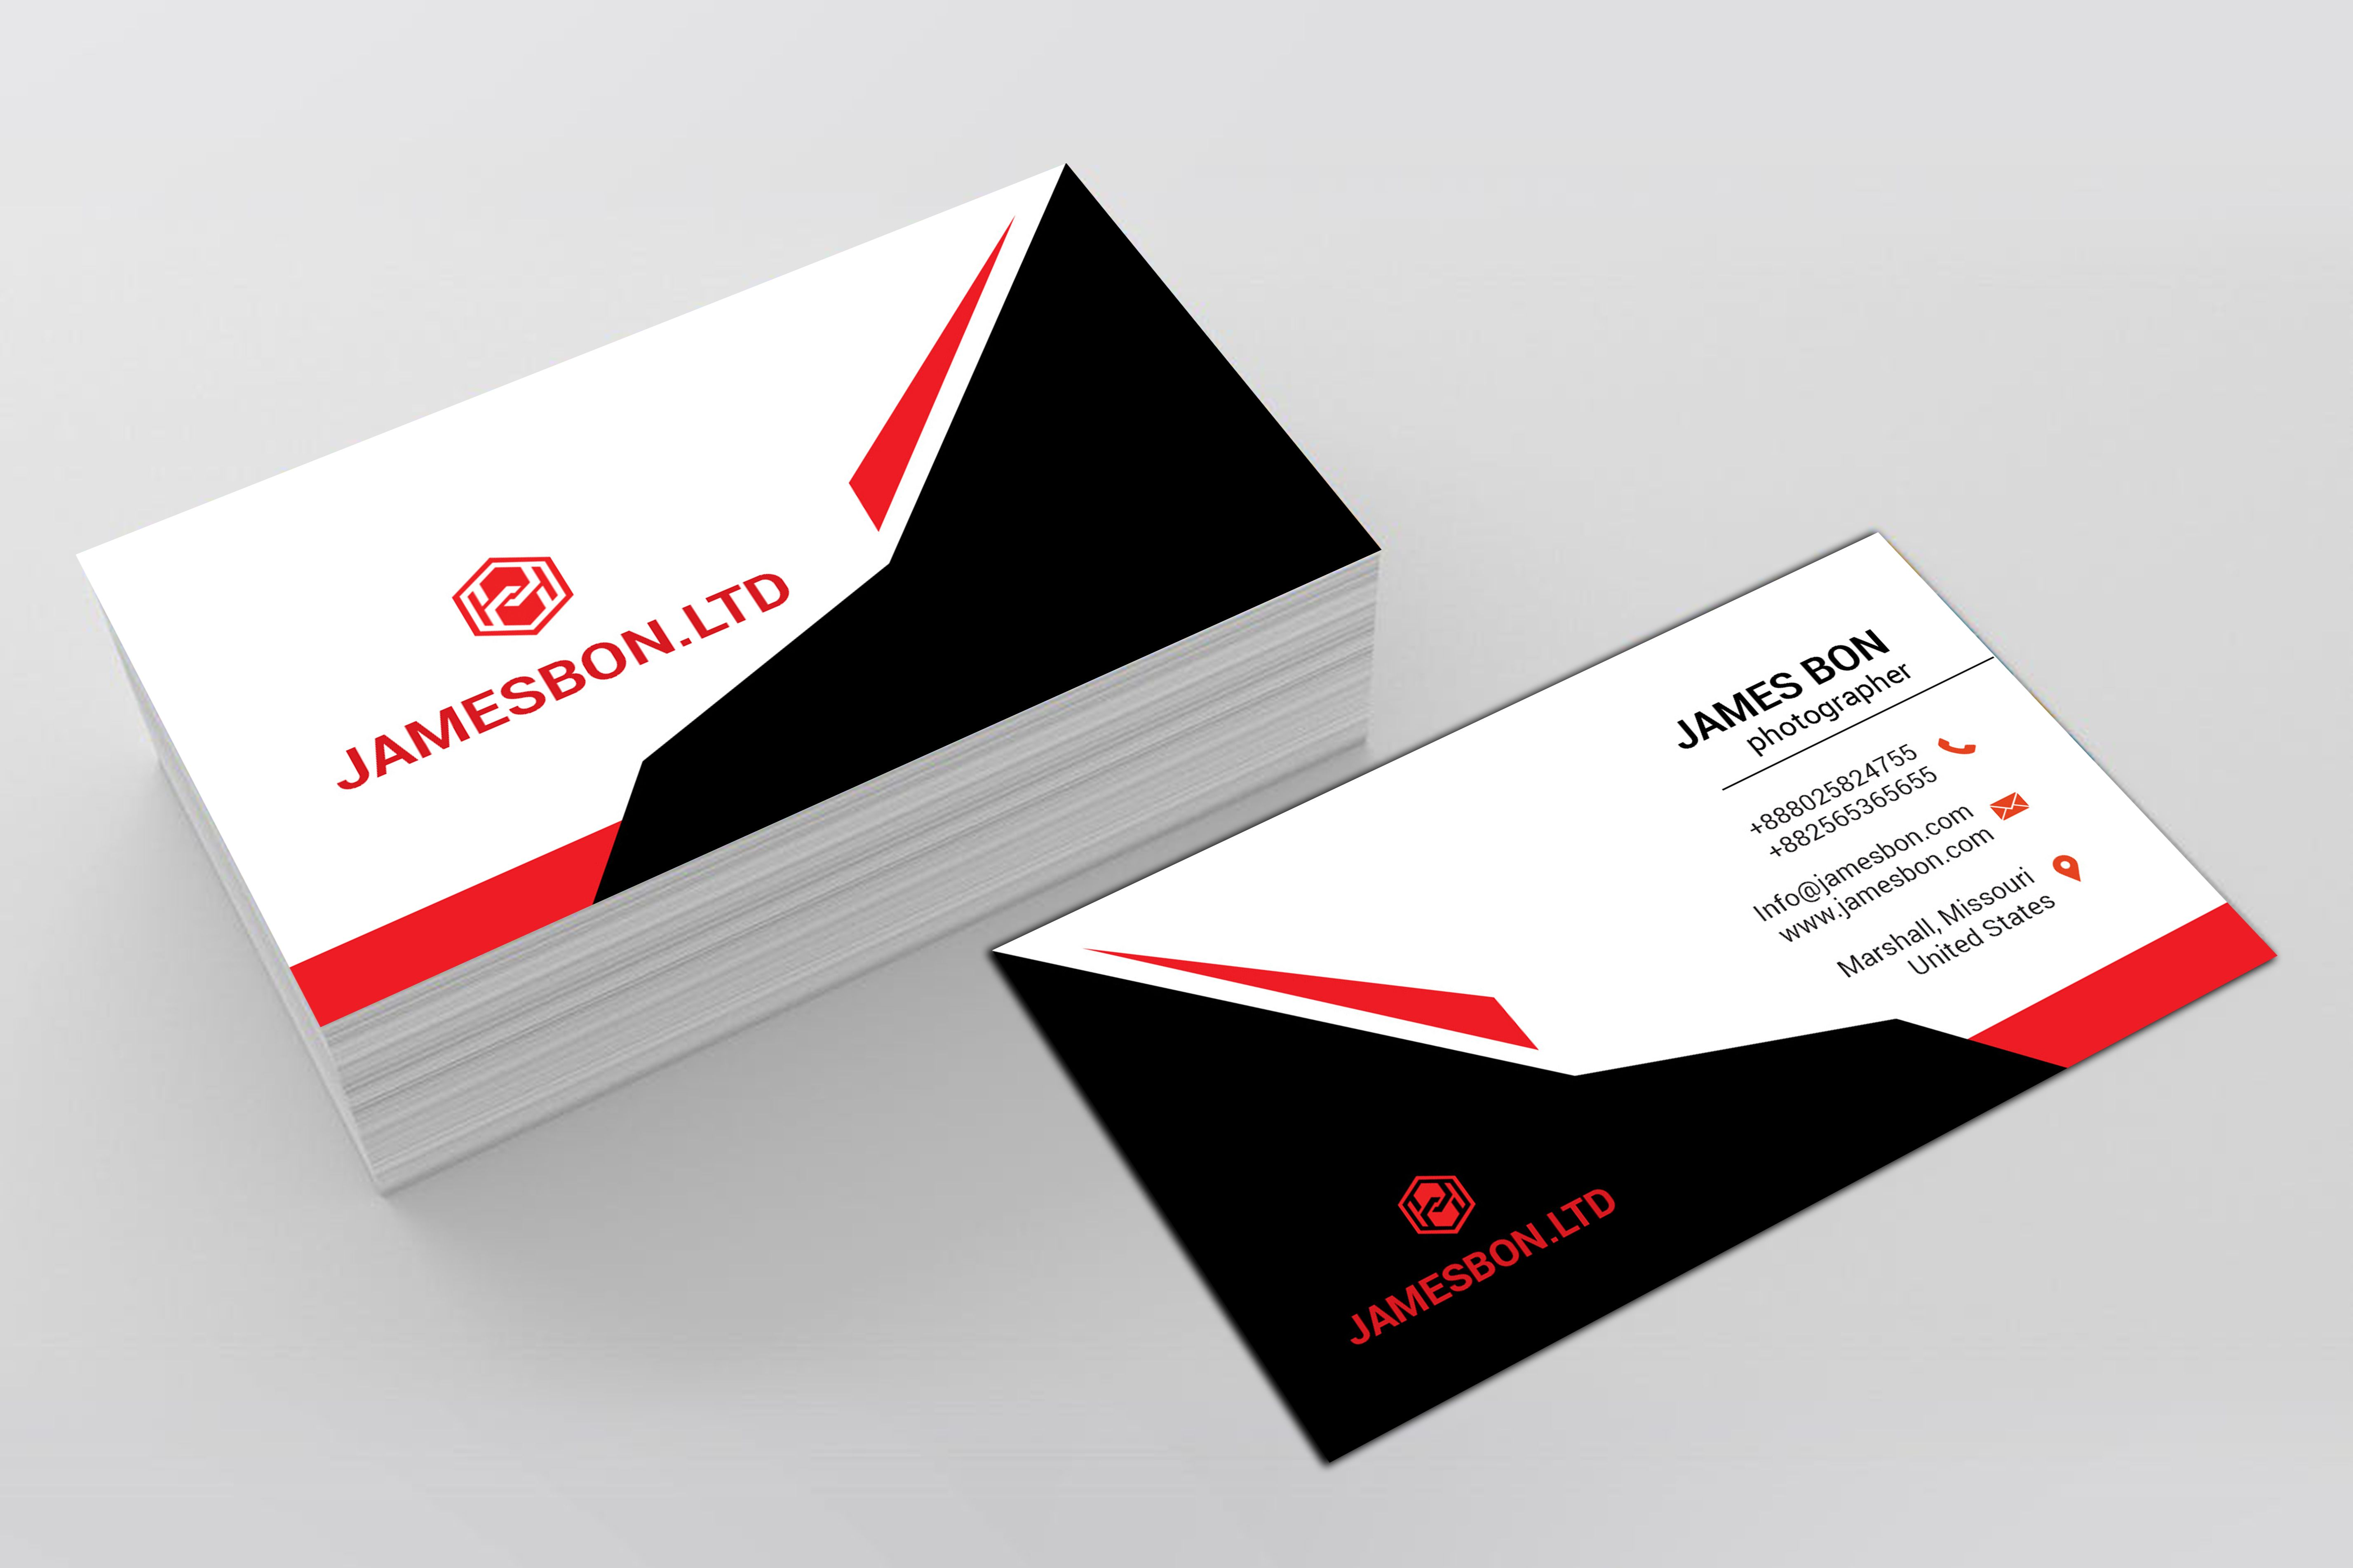 Unique business cards design within 2 hours | Unique business ...